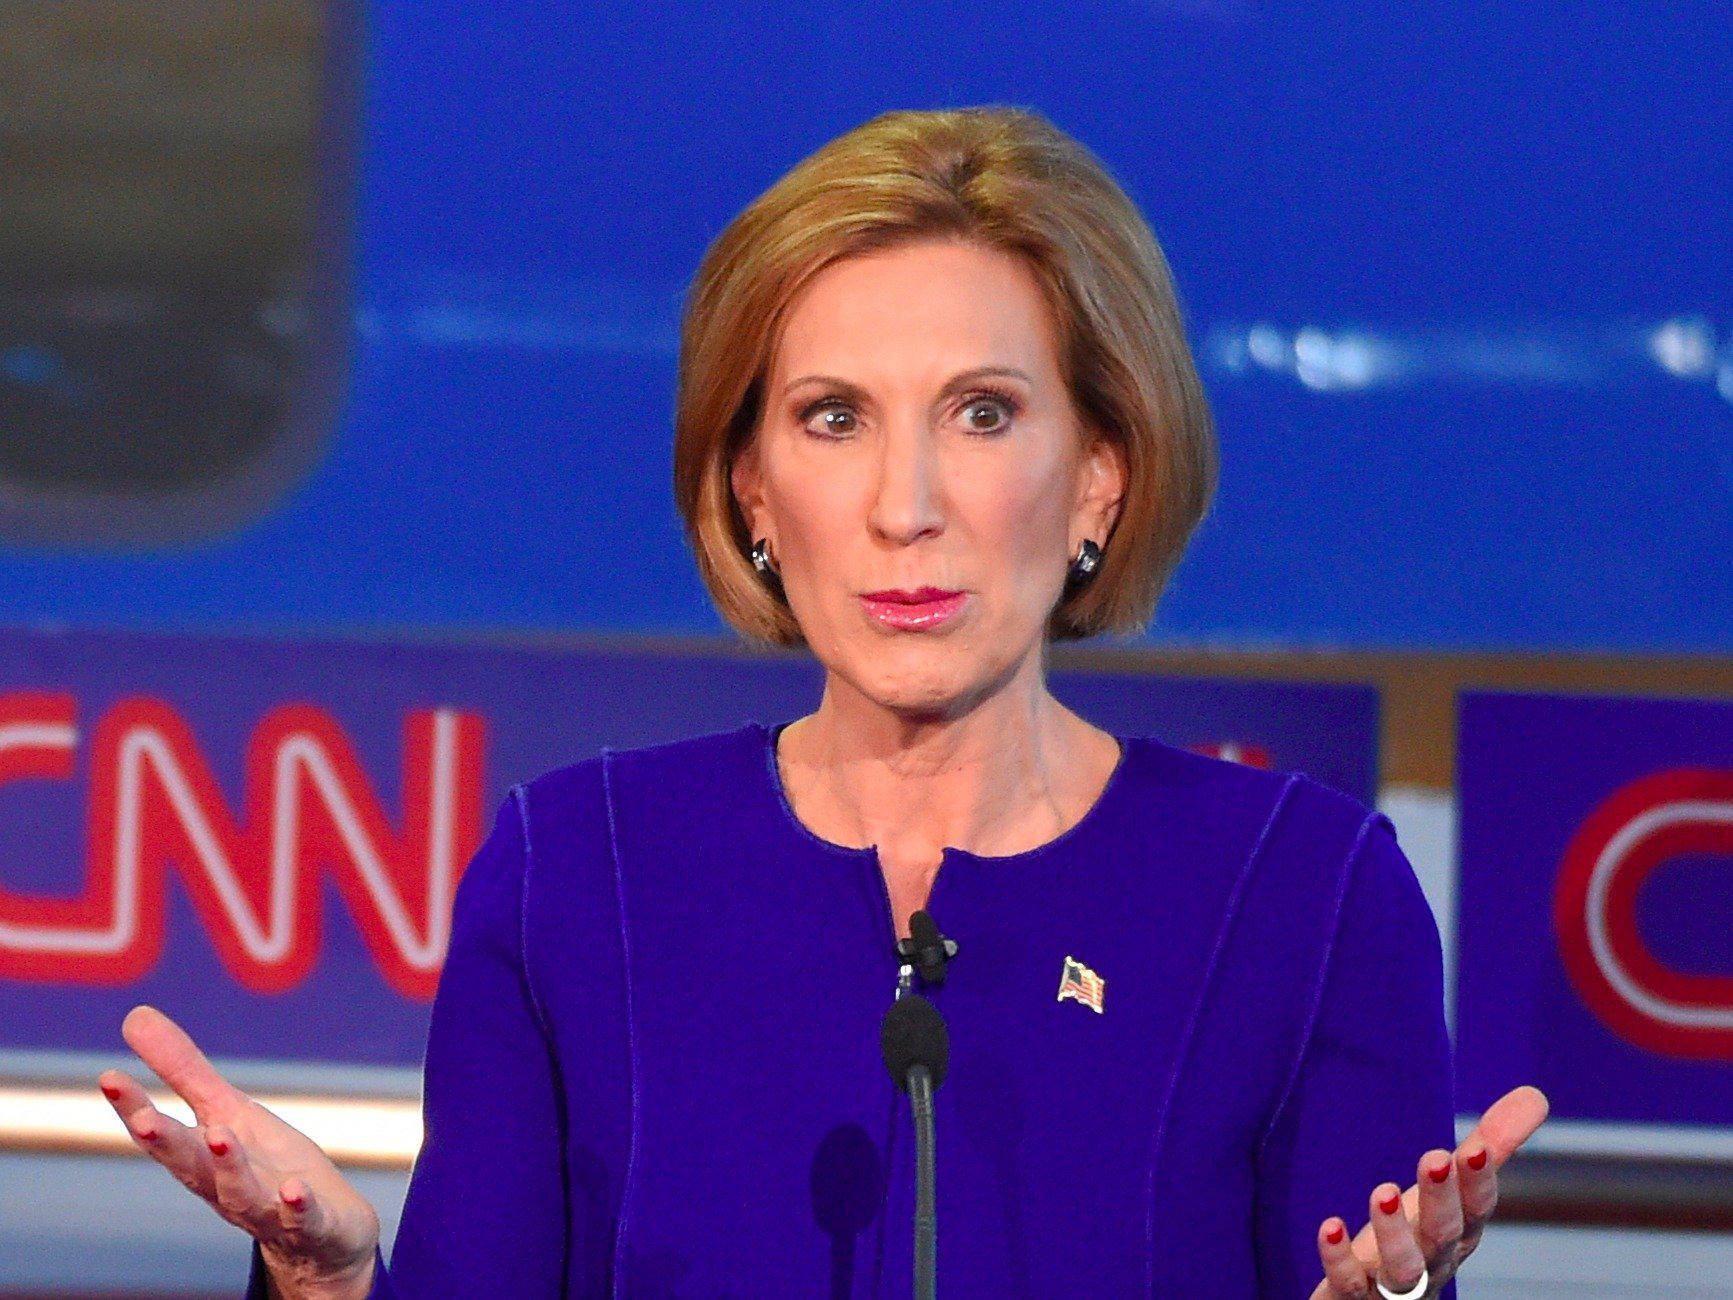 Carly Fiorina, ganadora del debate según la mayoría de medios y sondeos